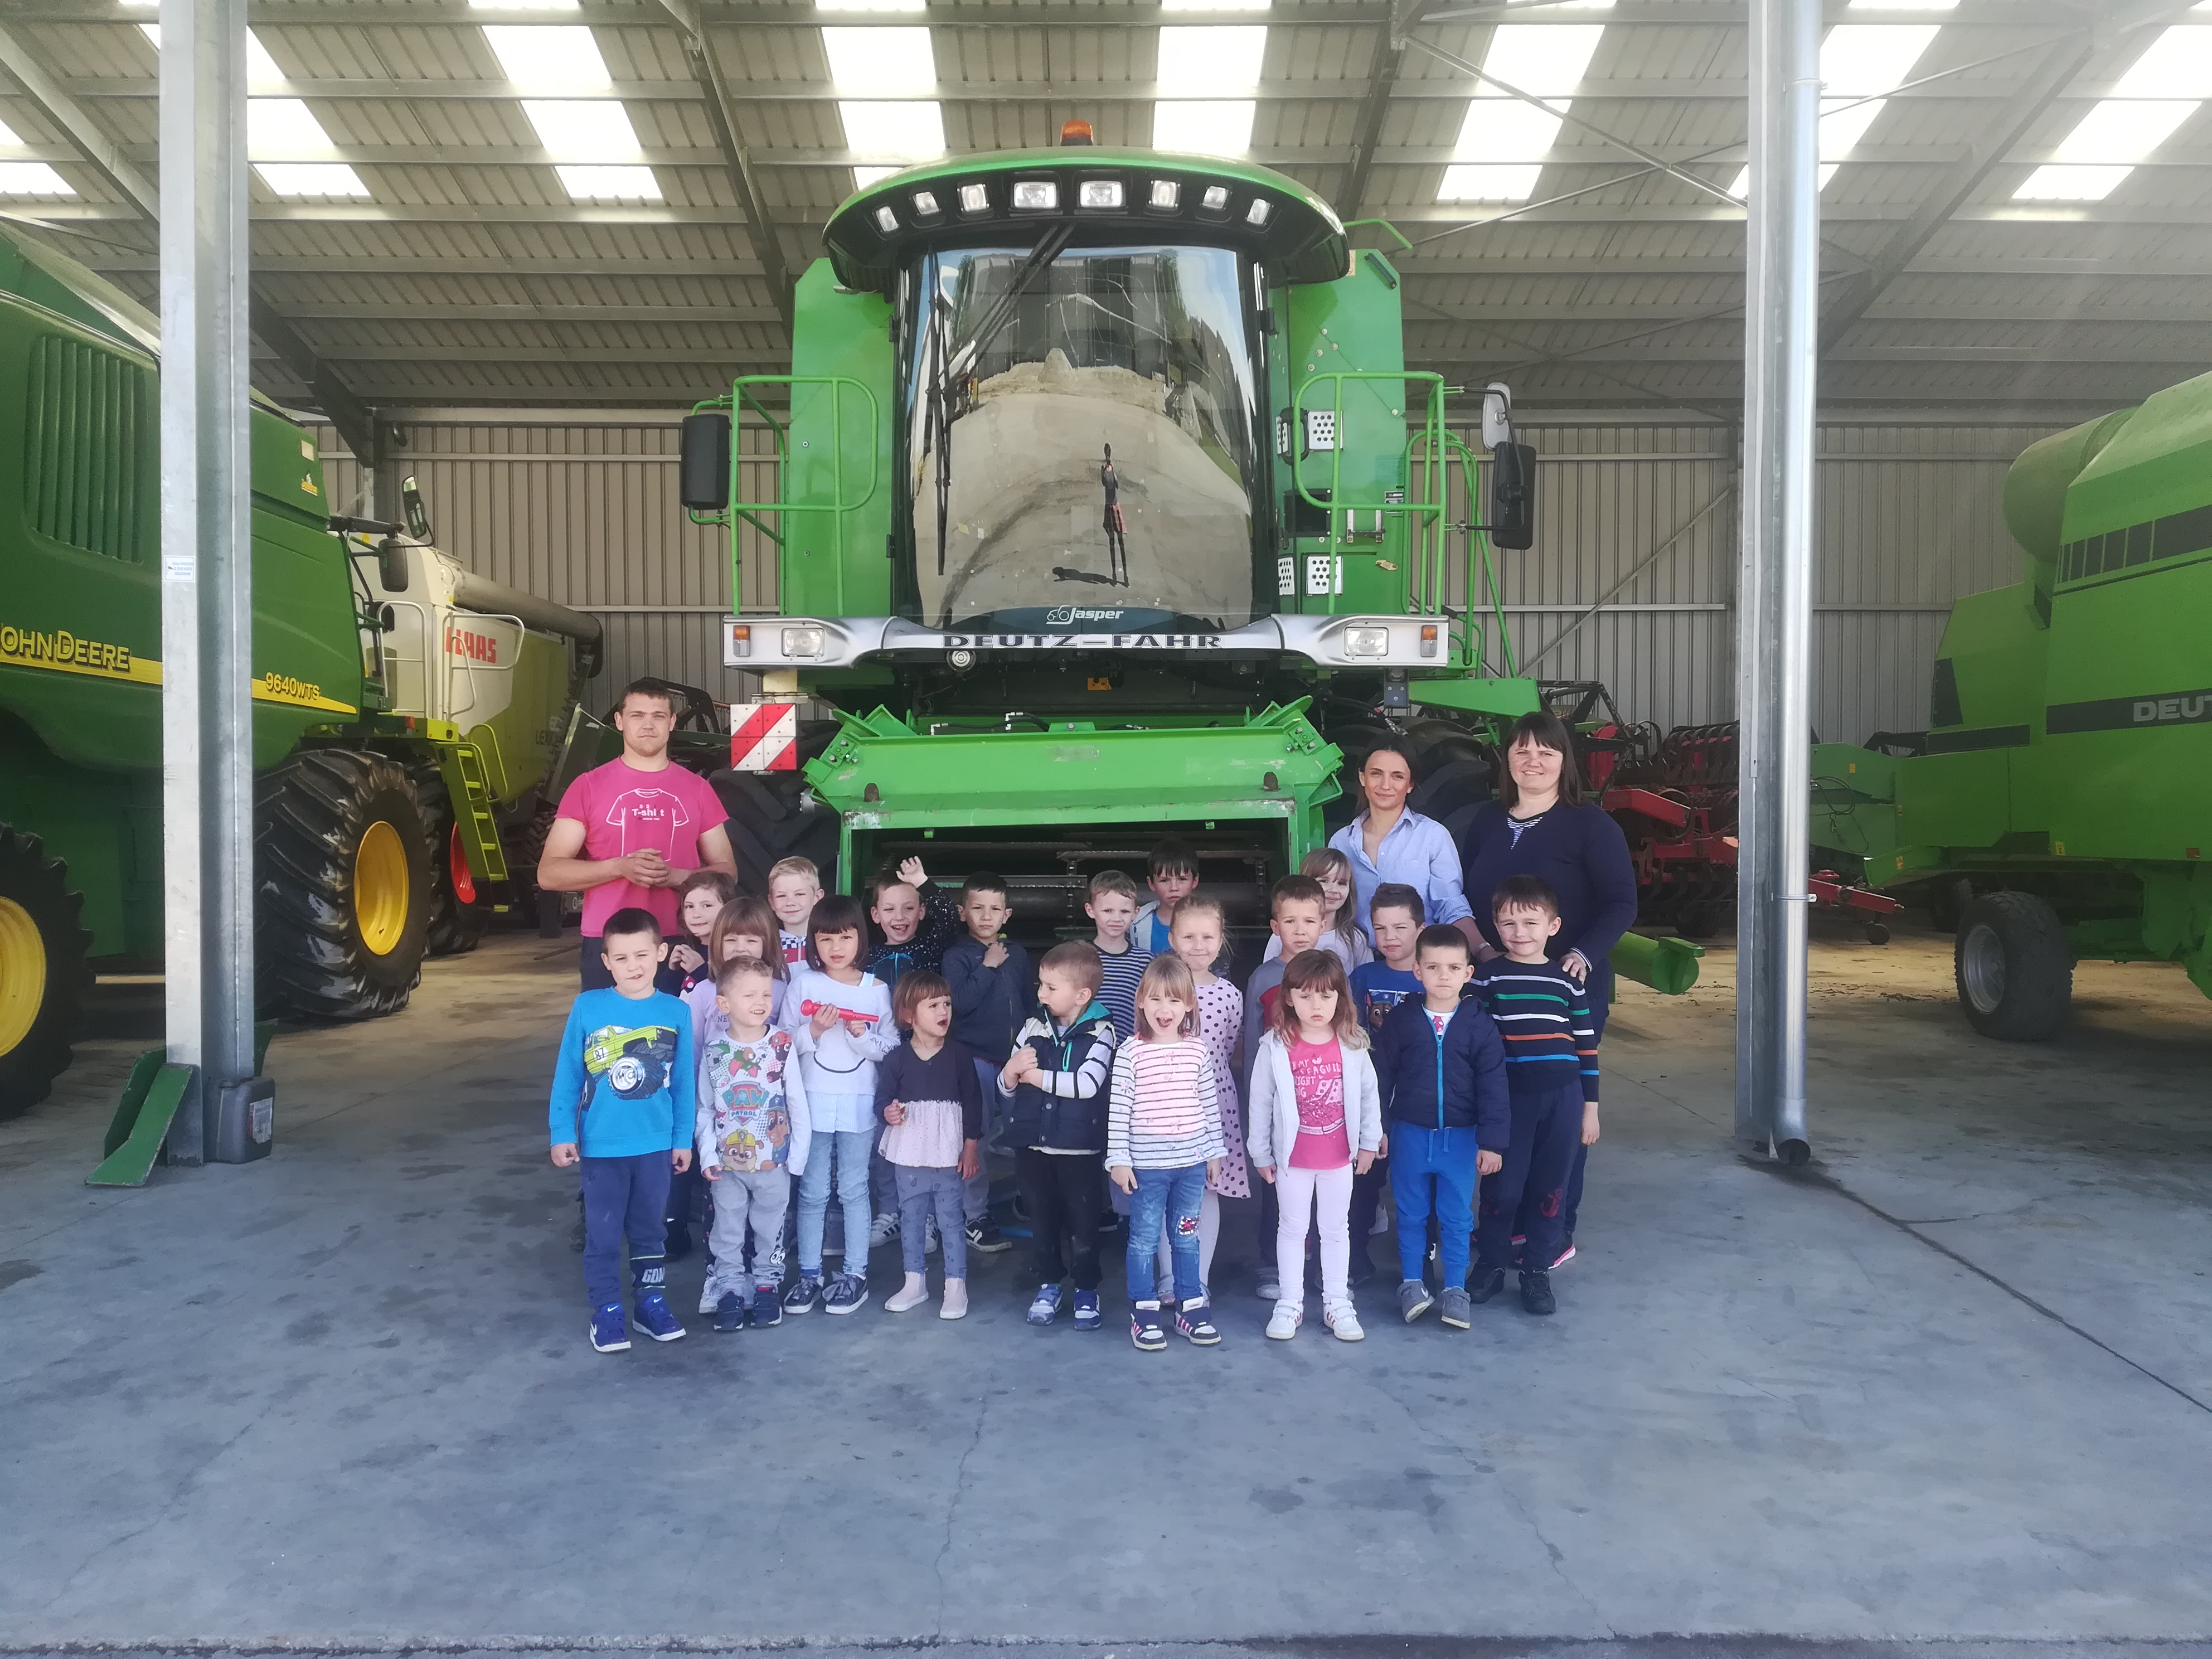 Posjet OPG Agro pozitiva u suradnji s obitelji Posavec